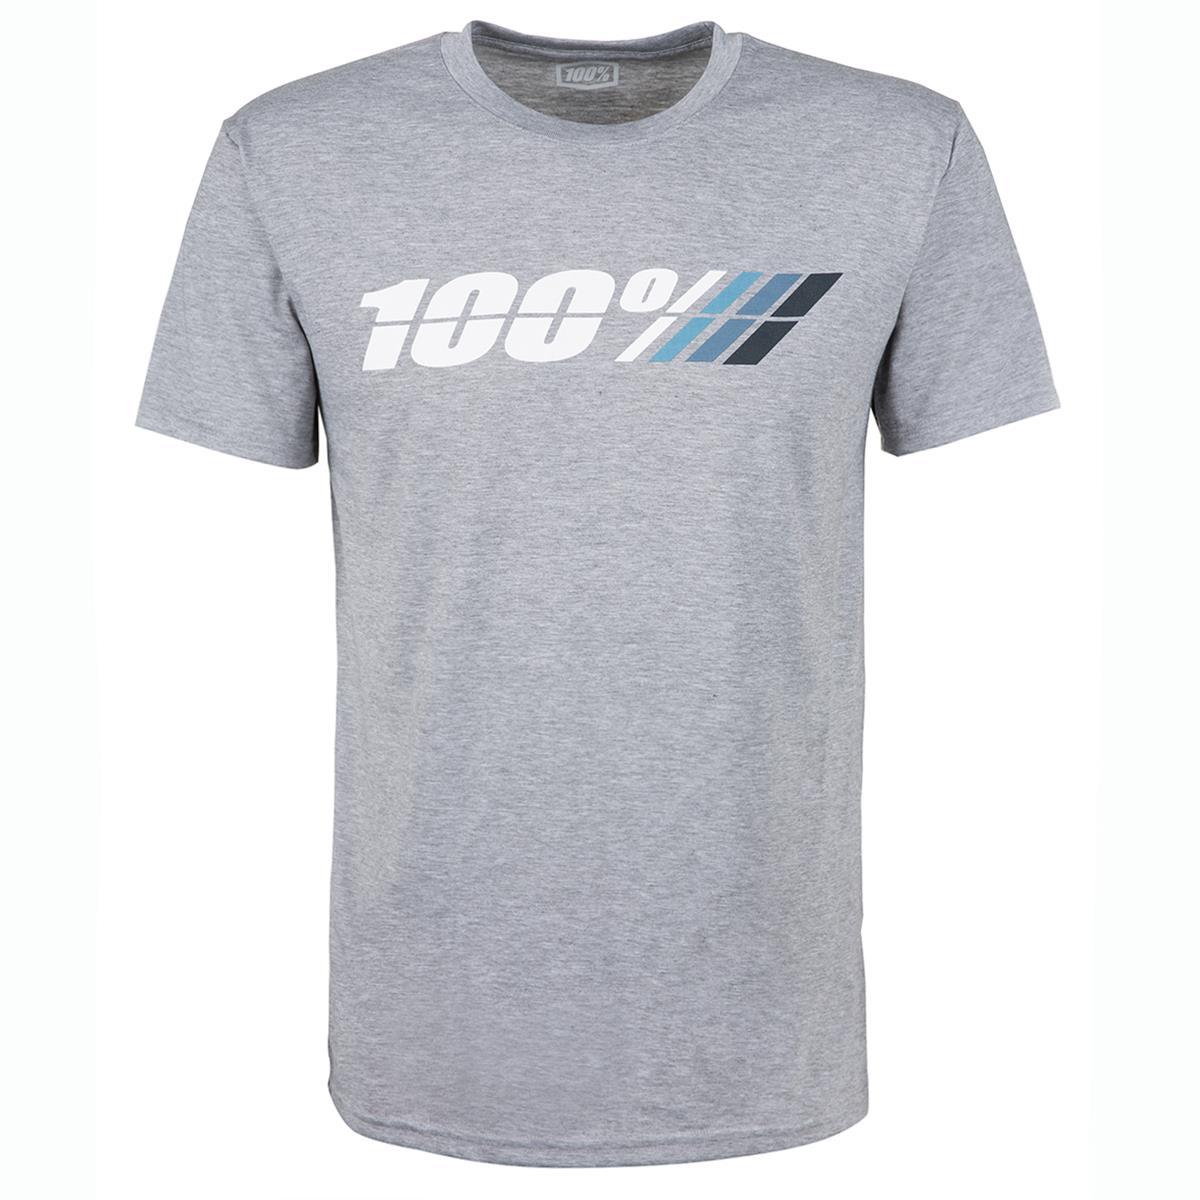 100% Tech T-Shirt Motorrad Grau meliert